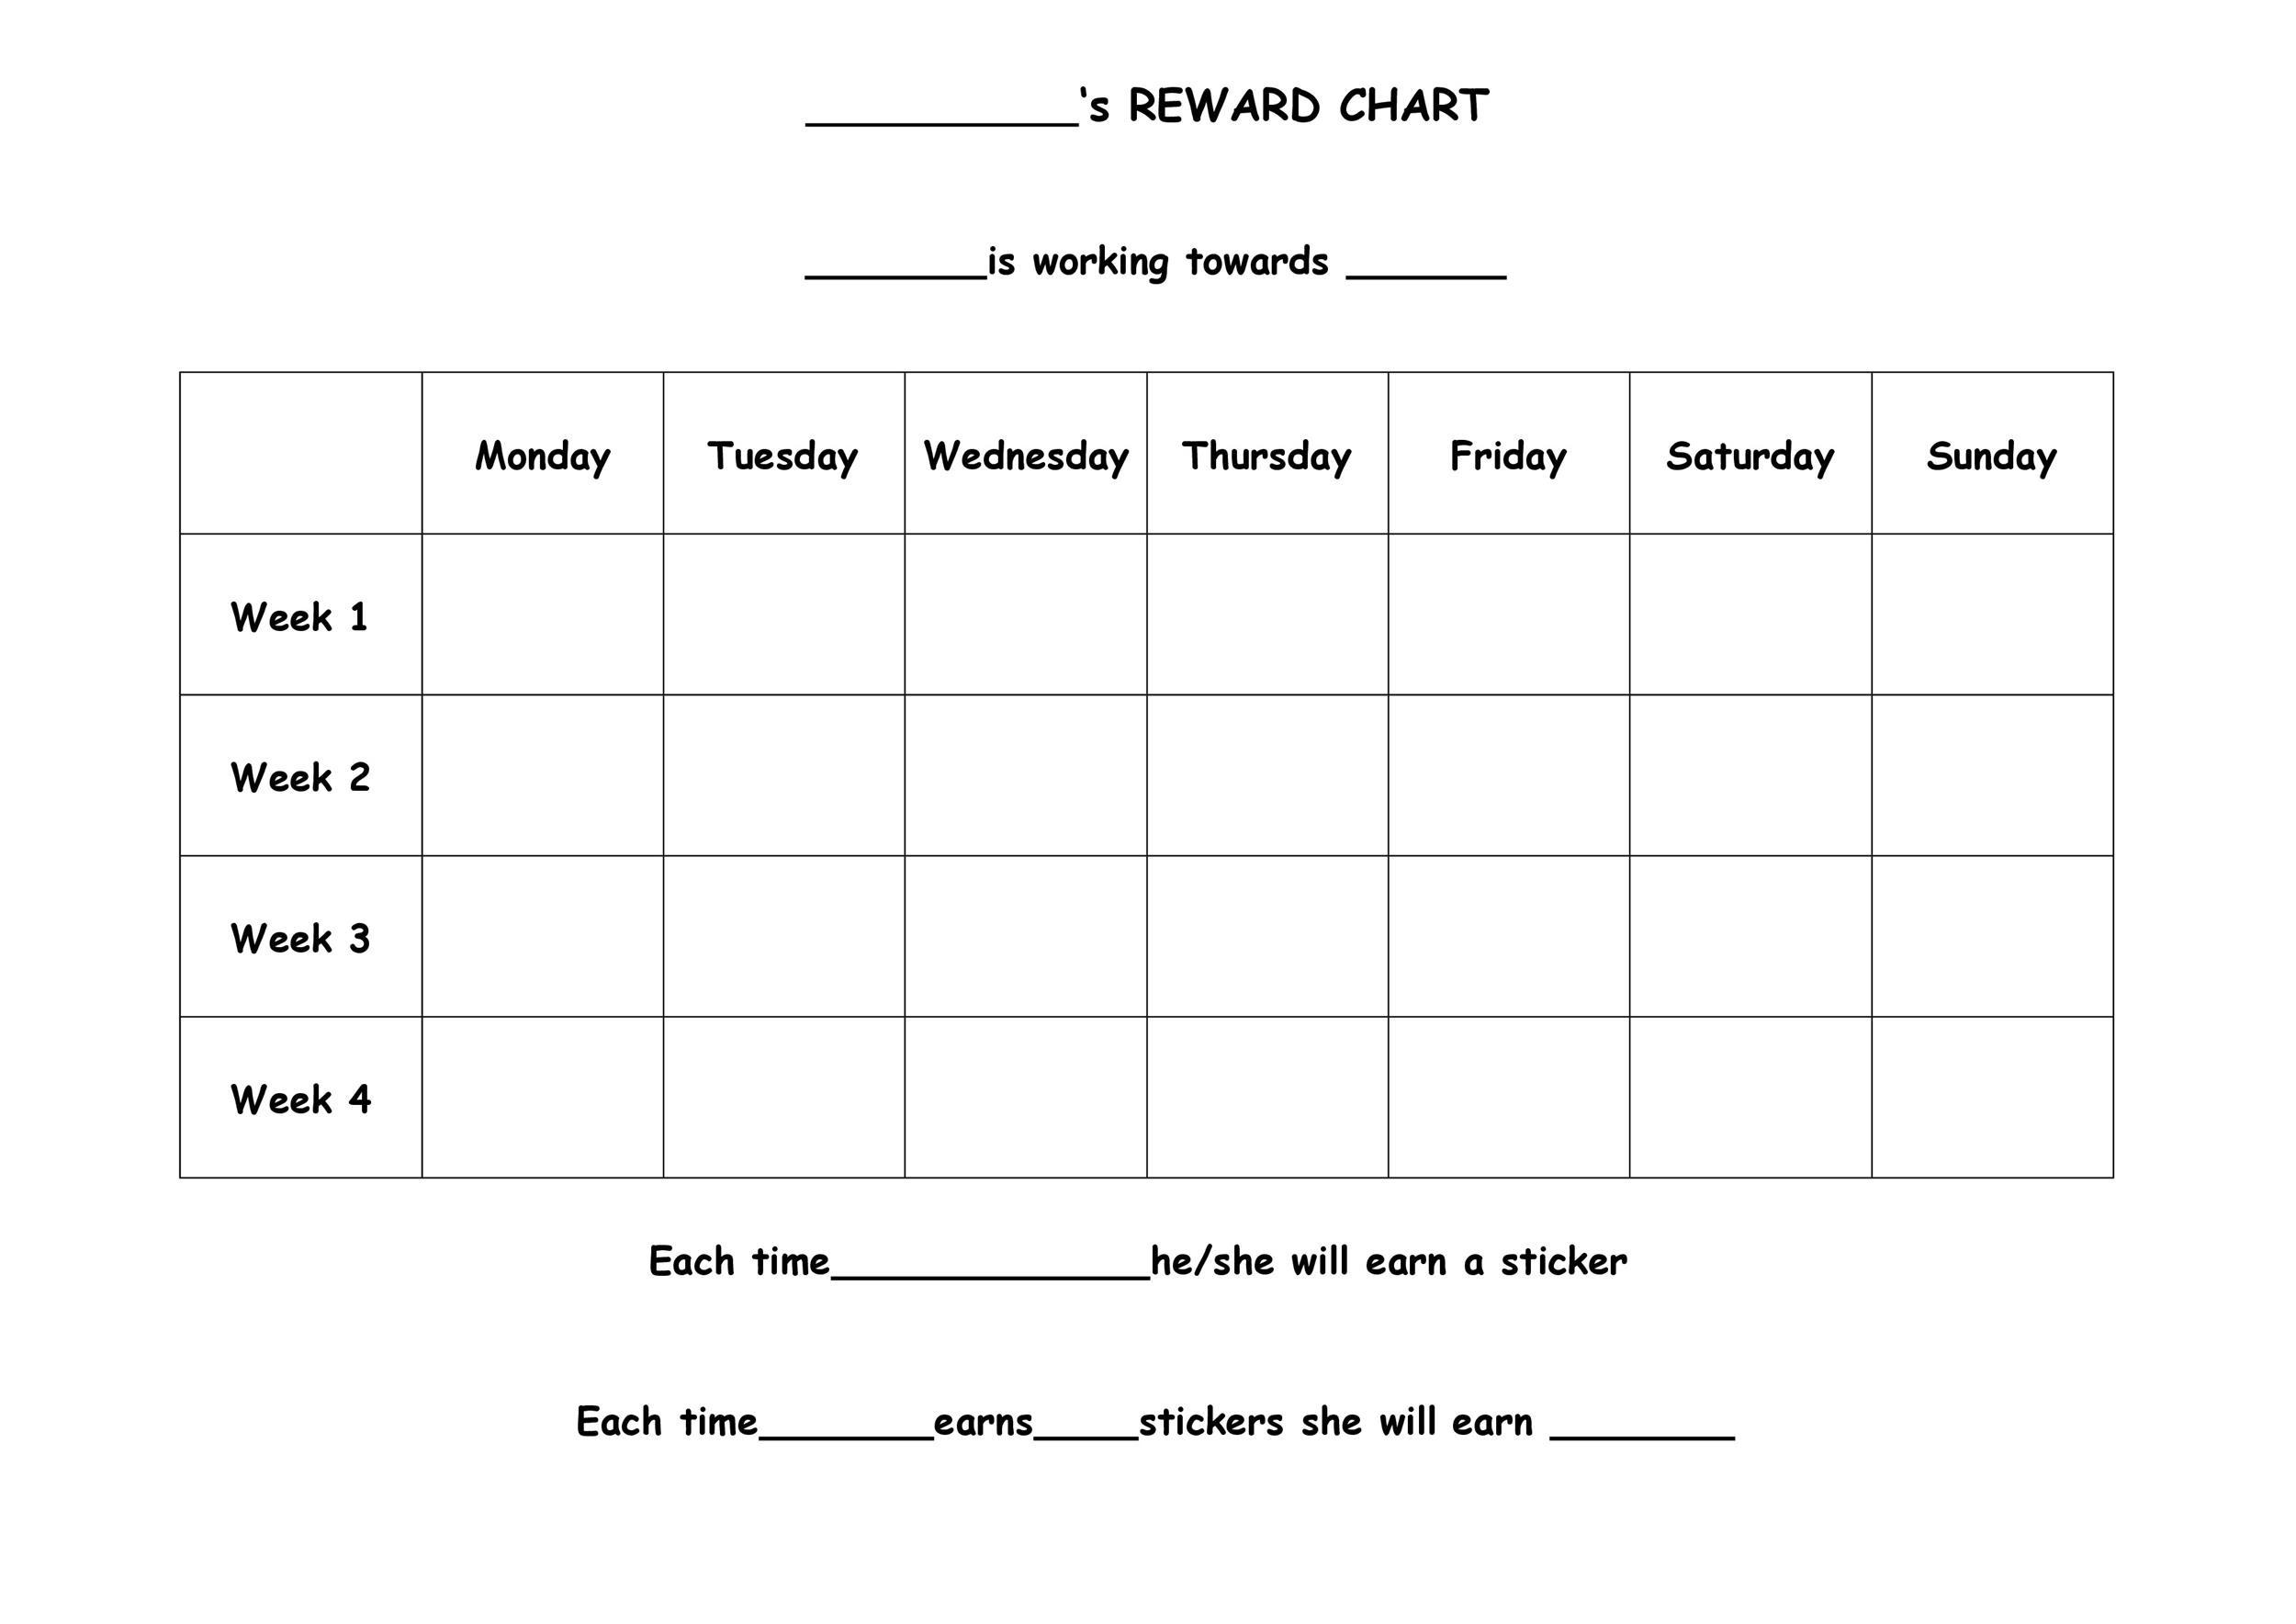 Free reward chart 11